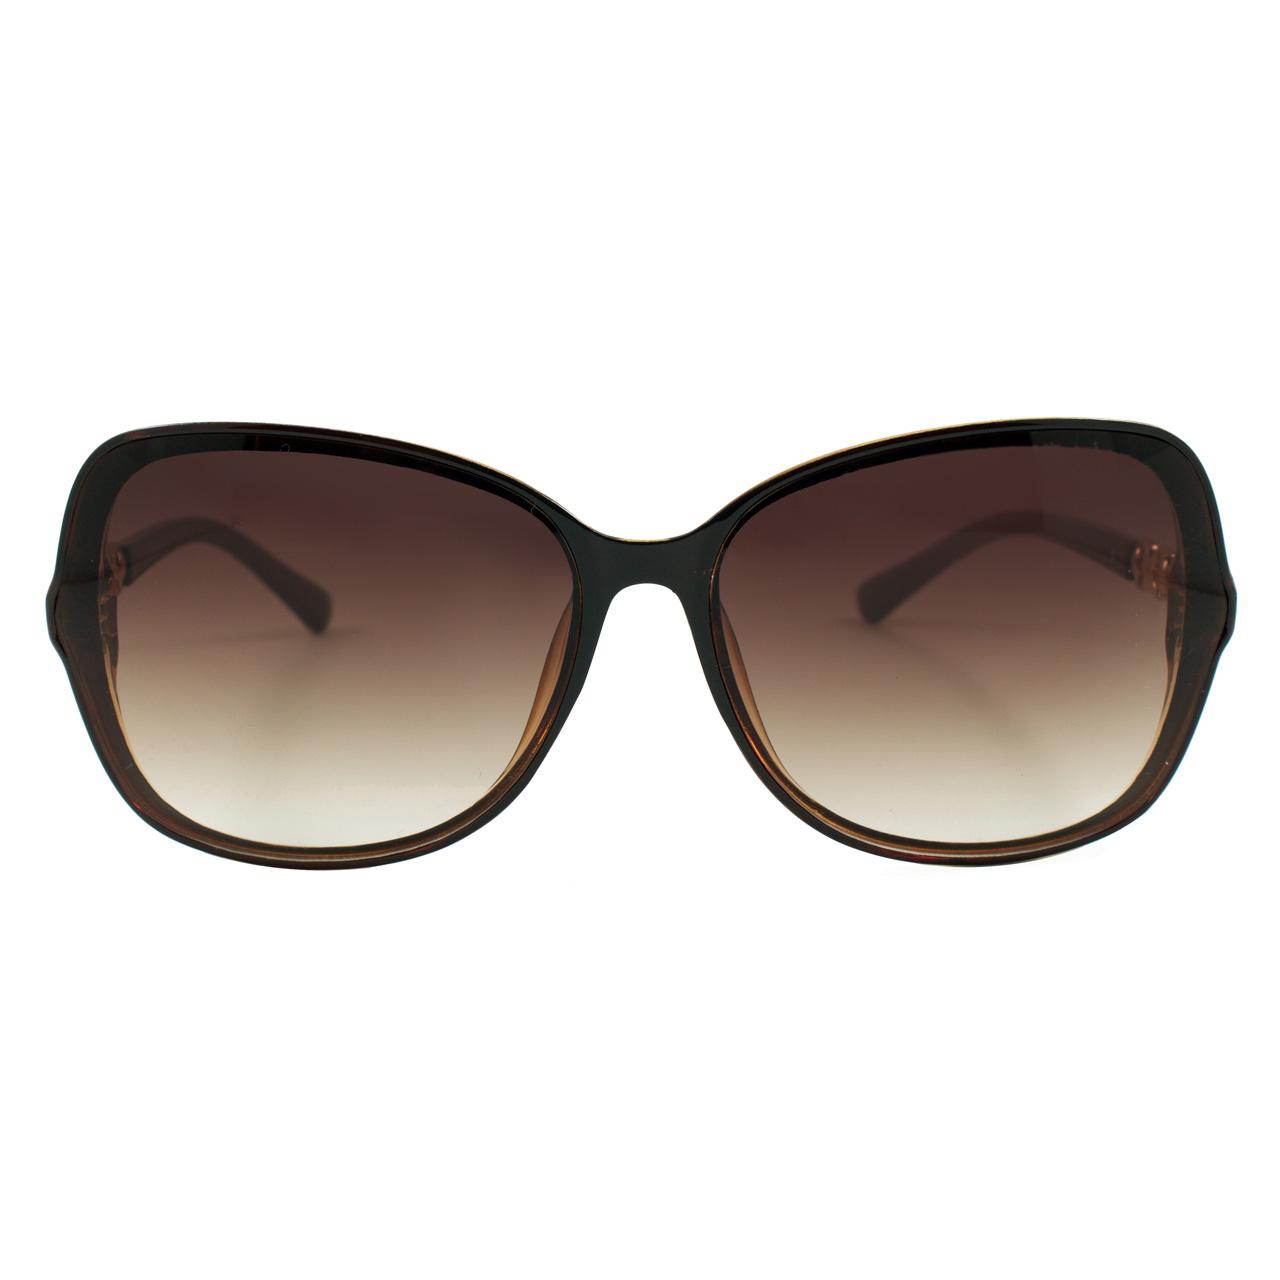 عینک آفتابی زنانه مدل Ultimate Brown Jewerly